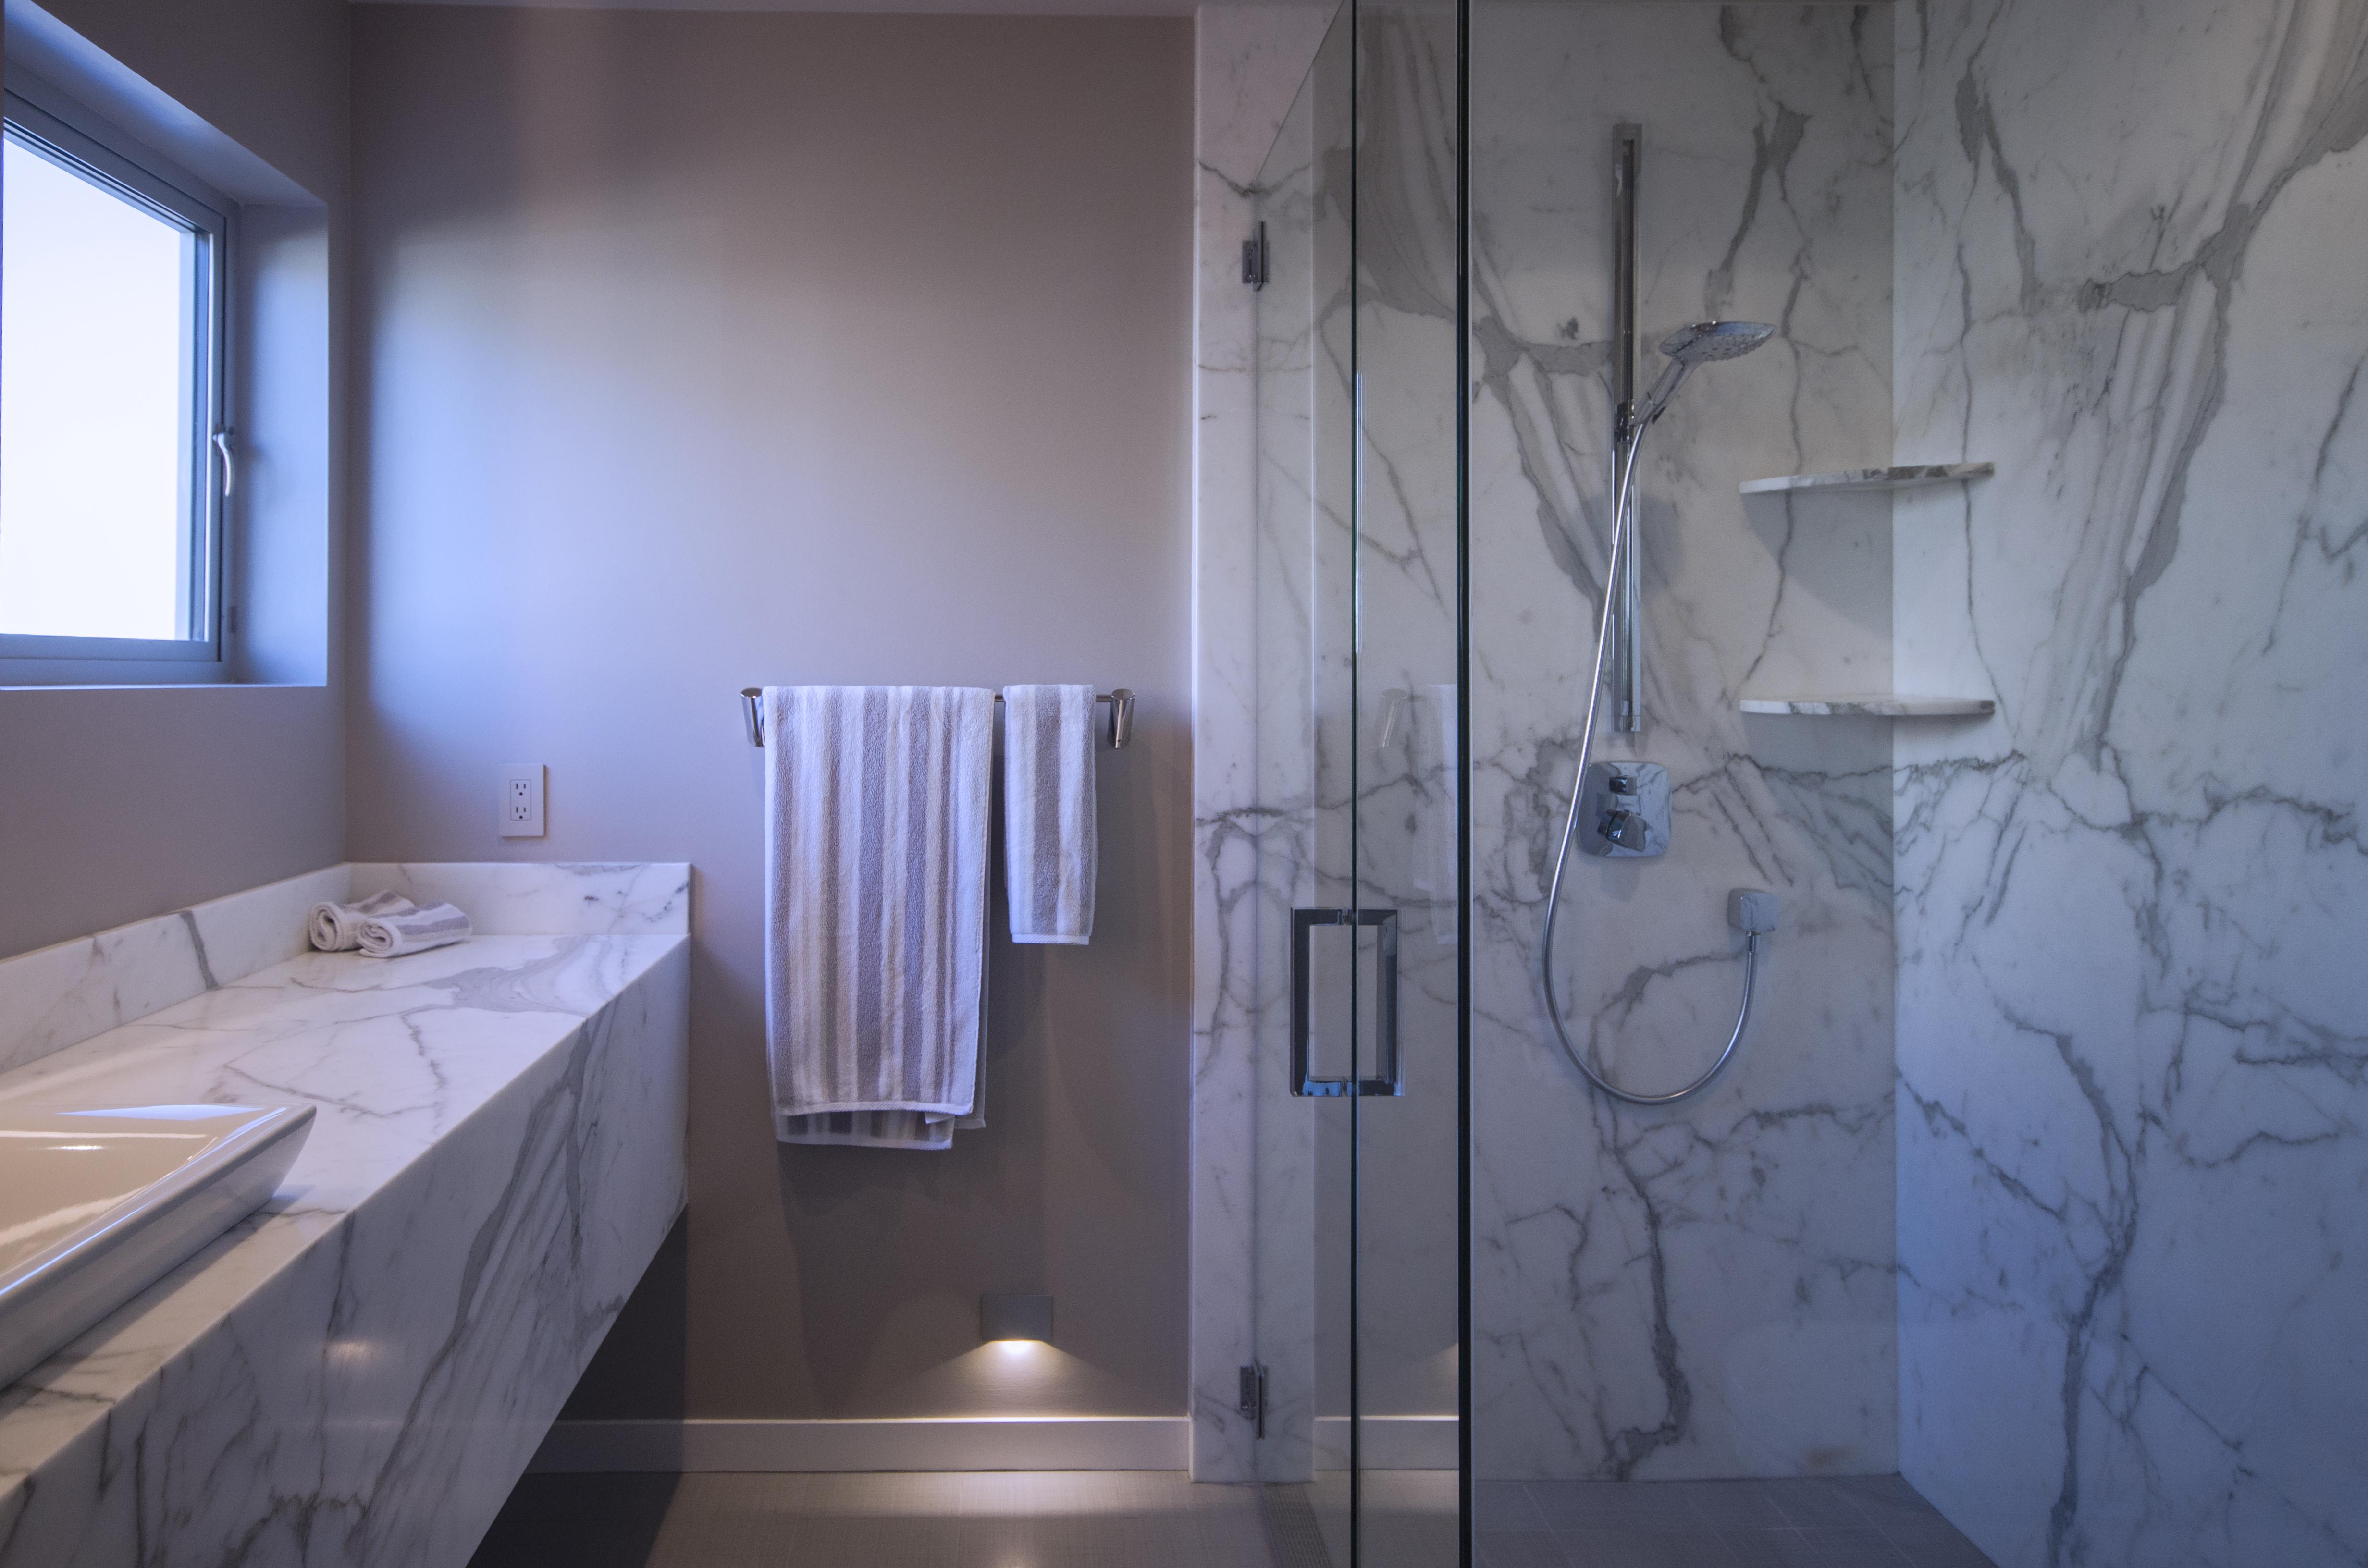 girlsbathroom002.jpg